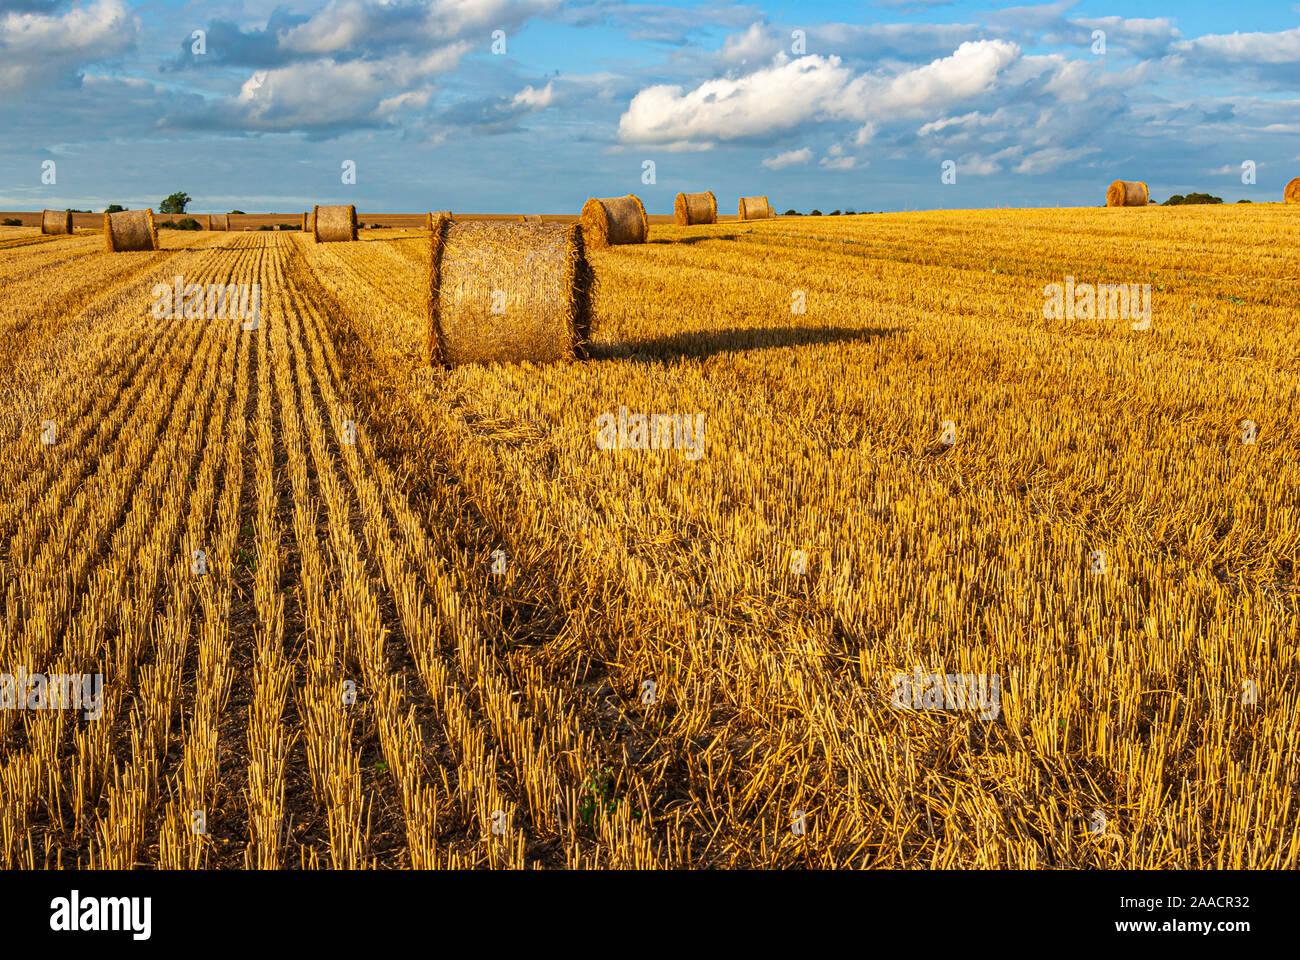 Des bottes de paille sur une grainfield récoltés à la fin de l'été. Banque D'Images